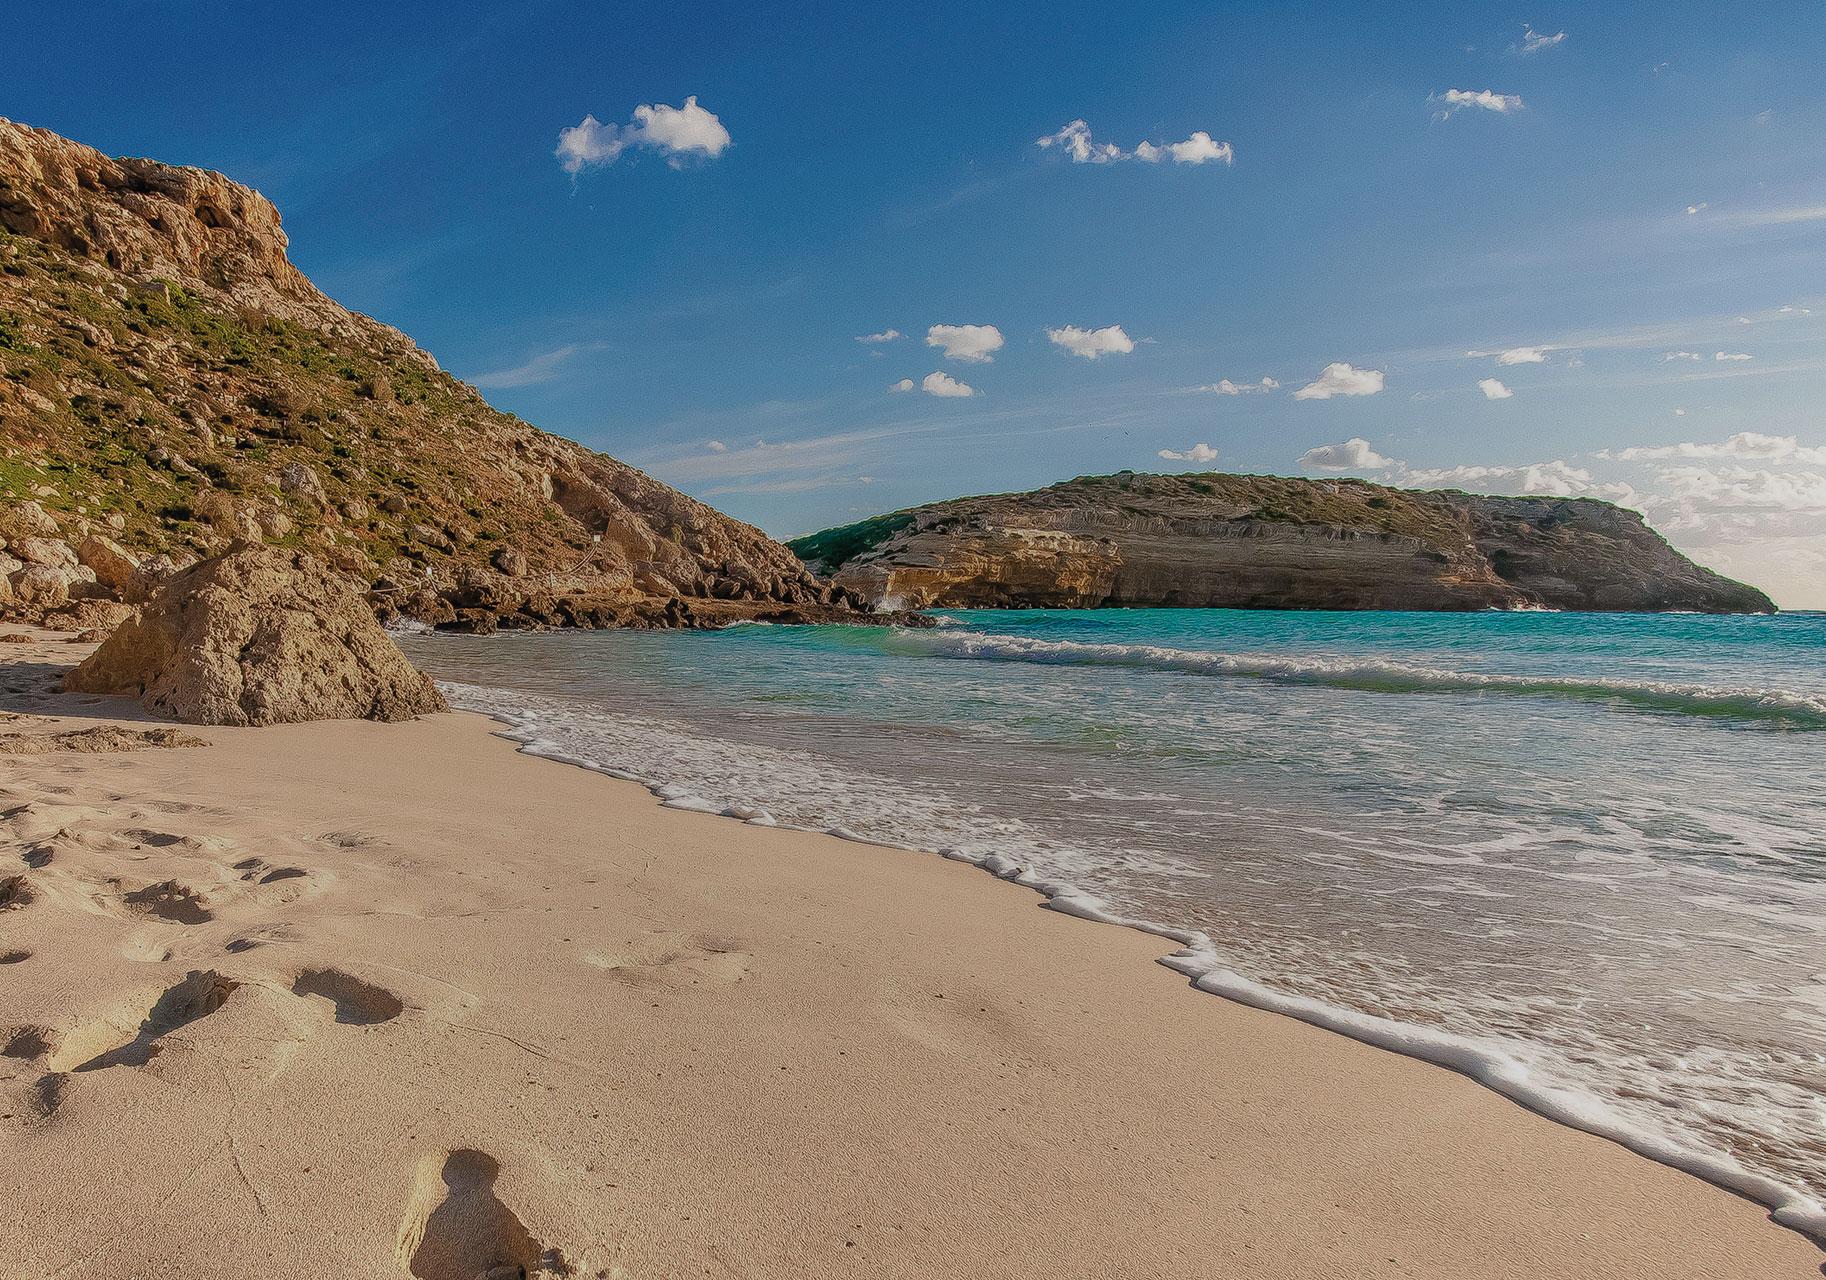 Spiaggia dei Coniglia Lampedusa - ph. Emanuele Manciavillano